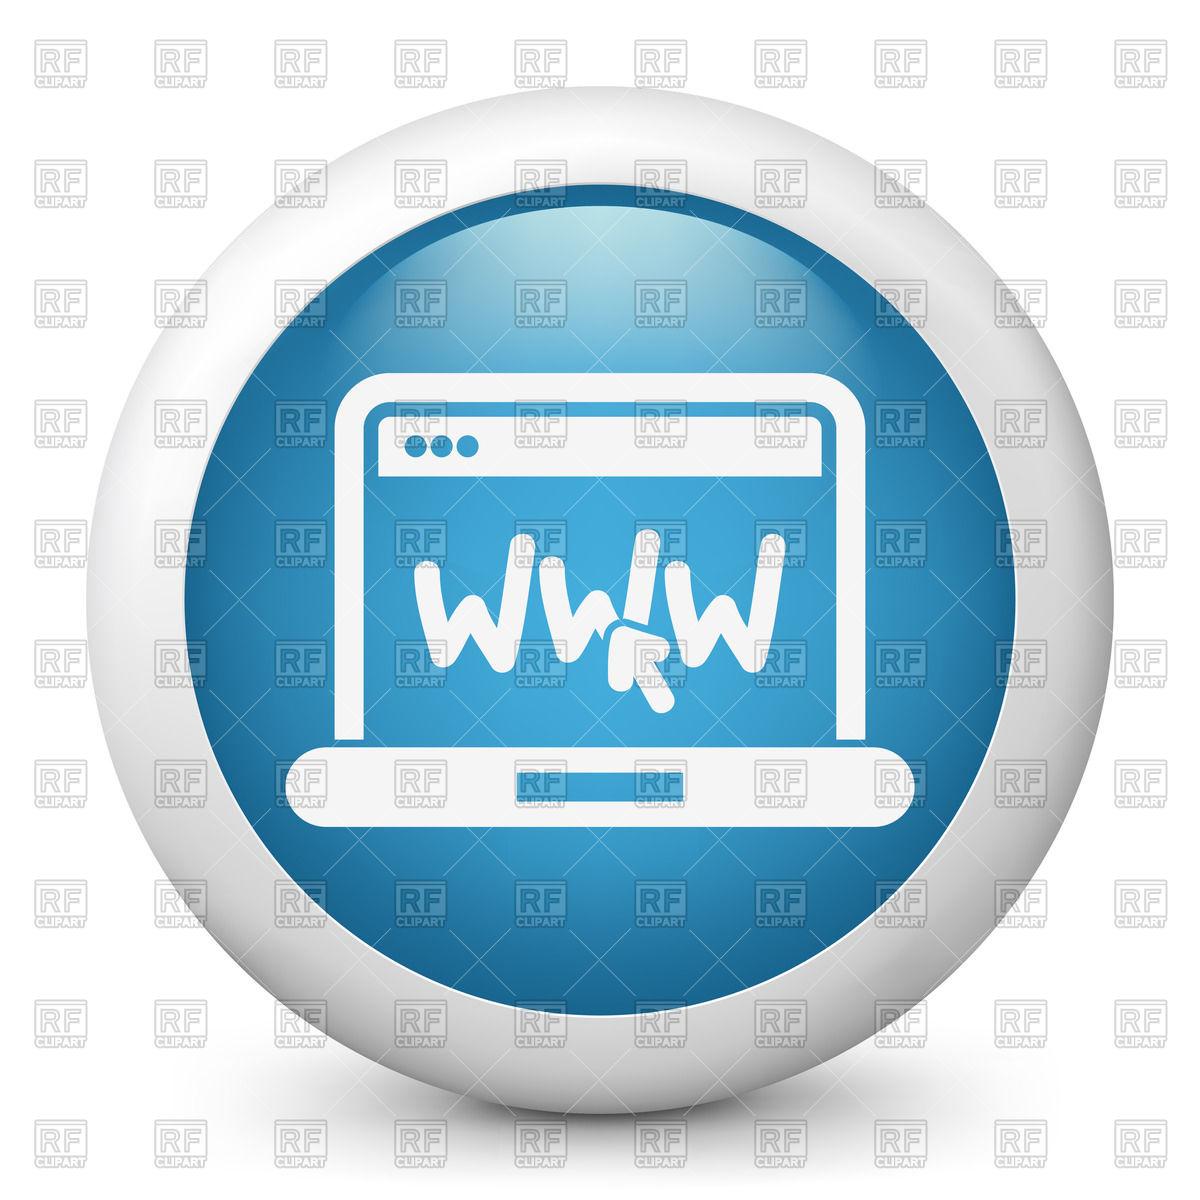 1200x1200 Internet (Www) Icon